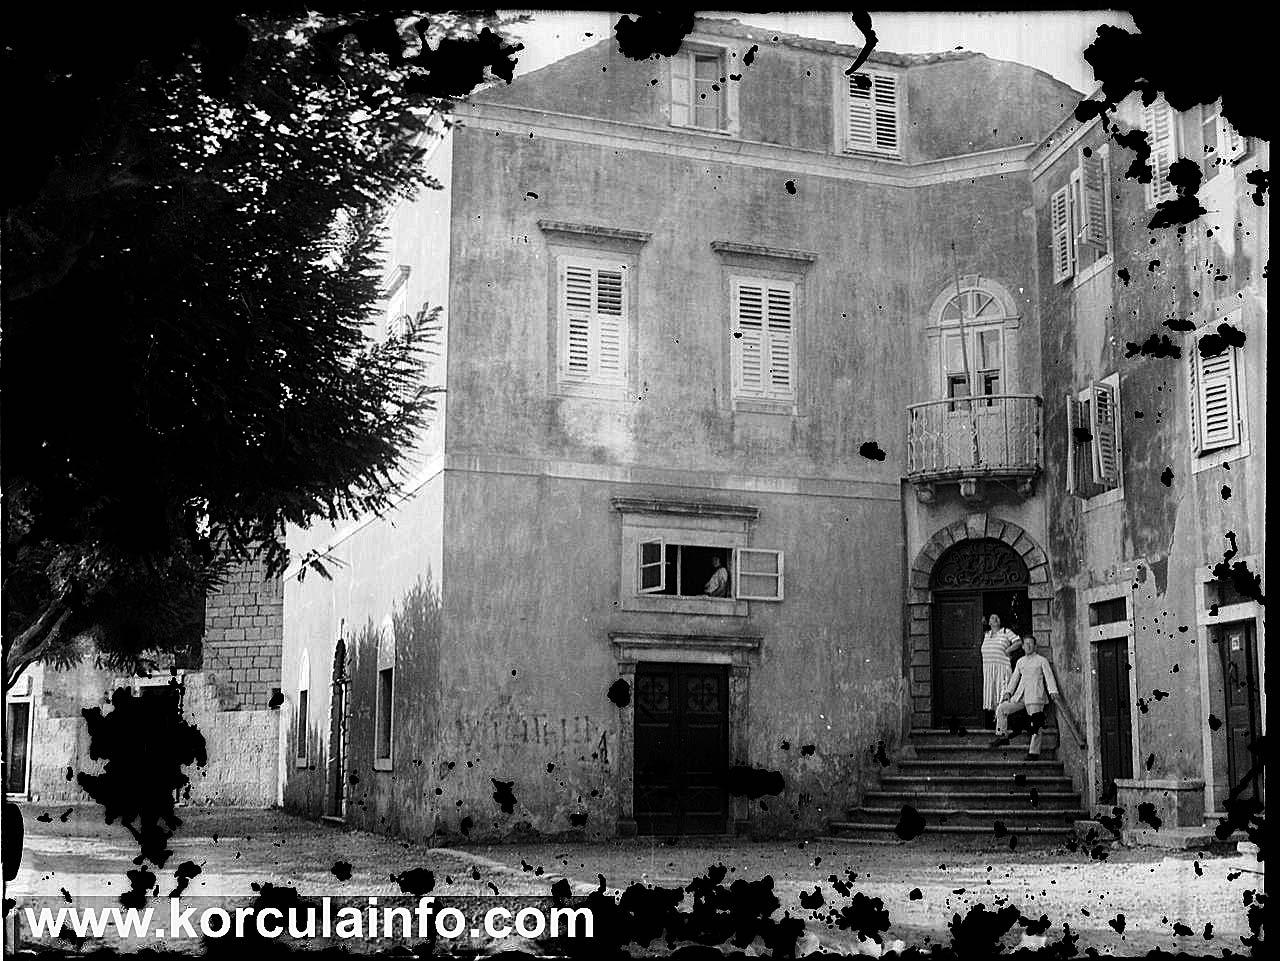 House of family Foretić, Korcula